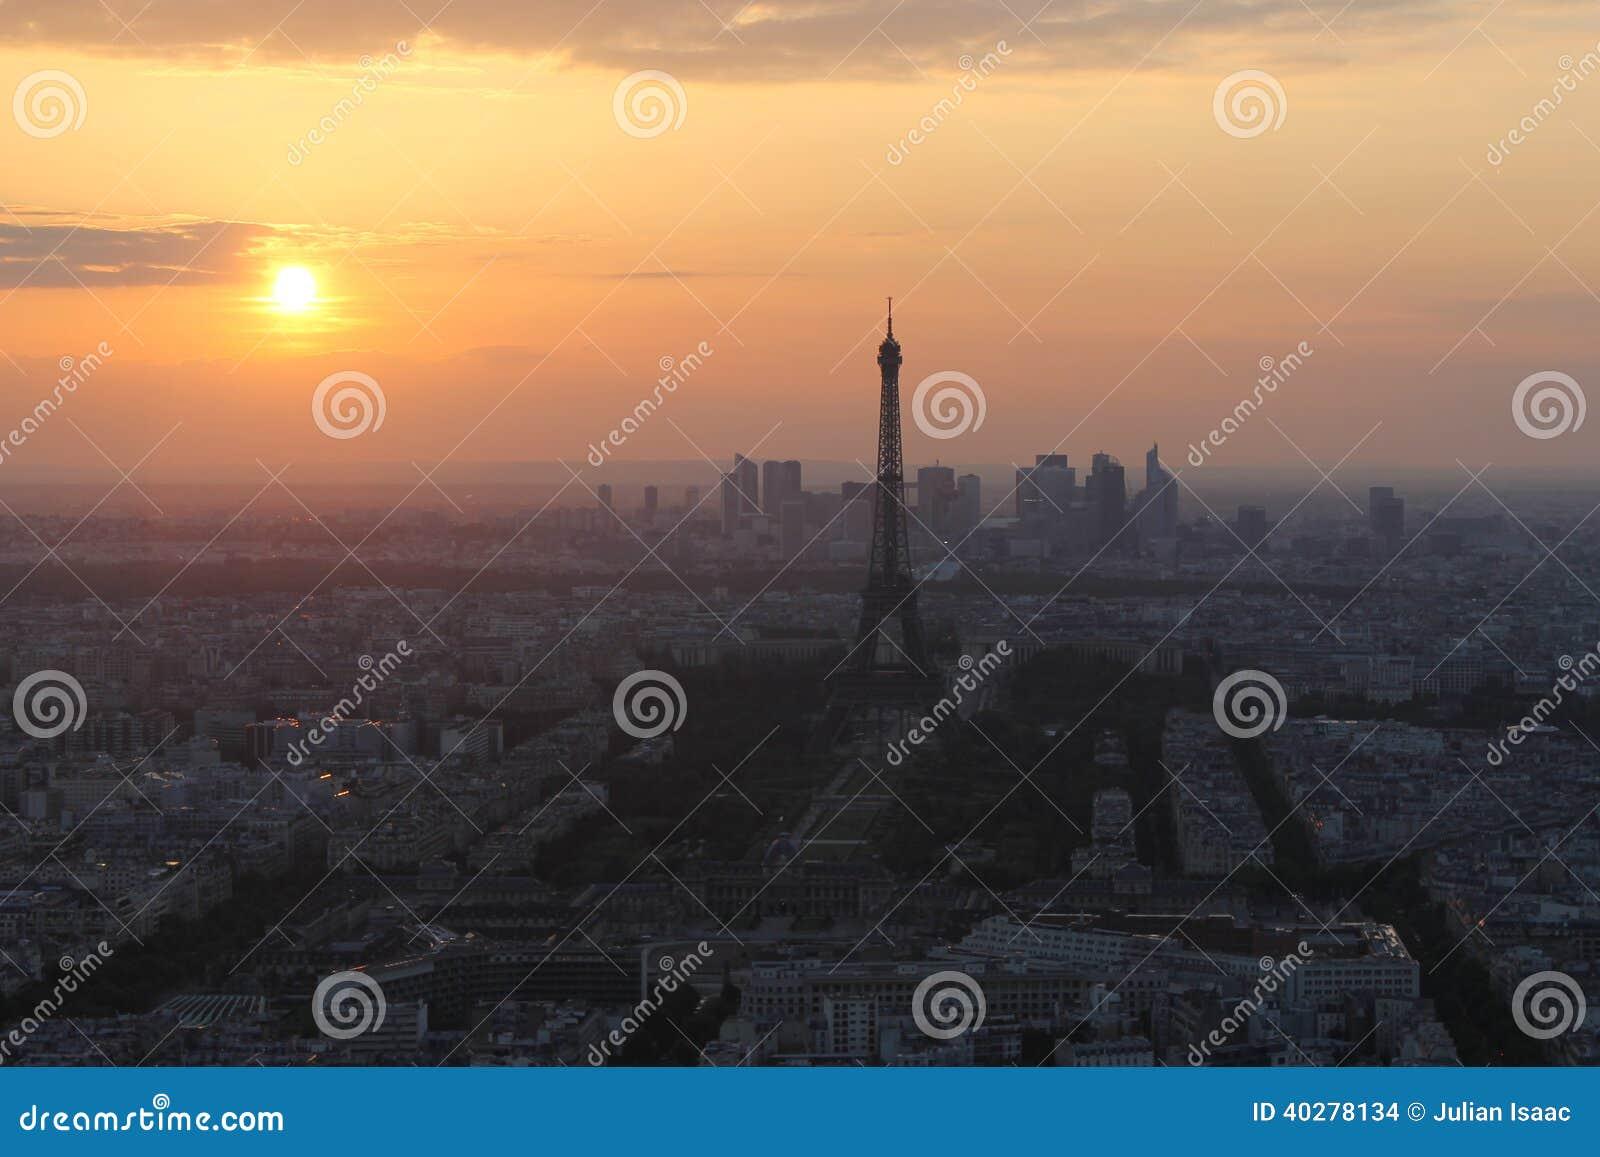 Заход солнца в Париже. Взгляд Эйфелева башни